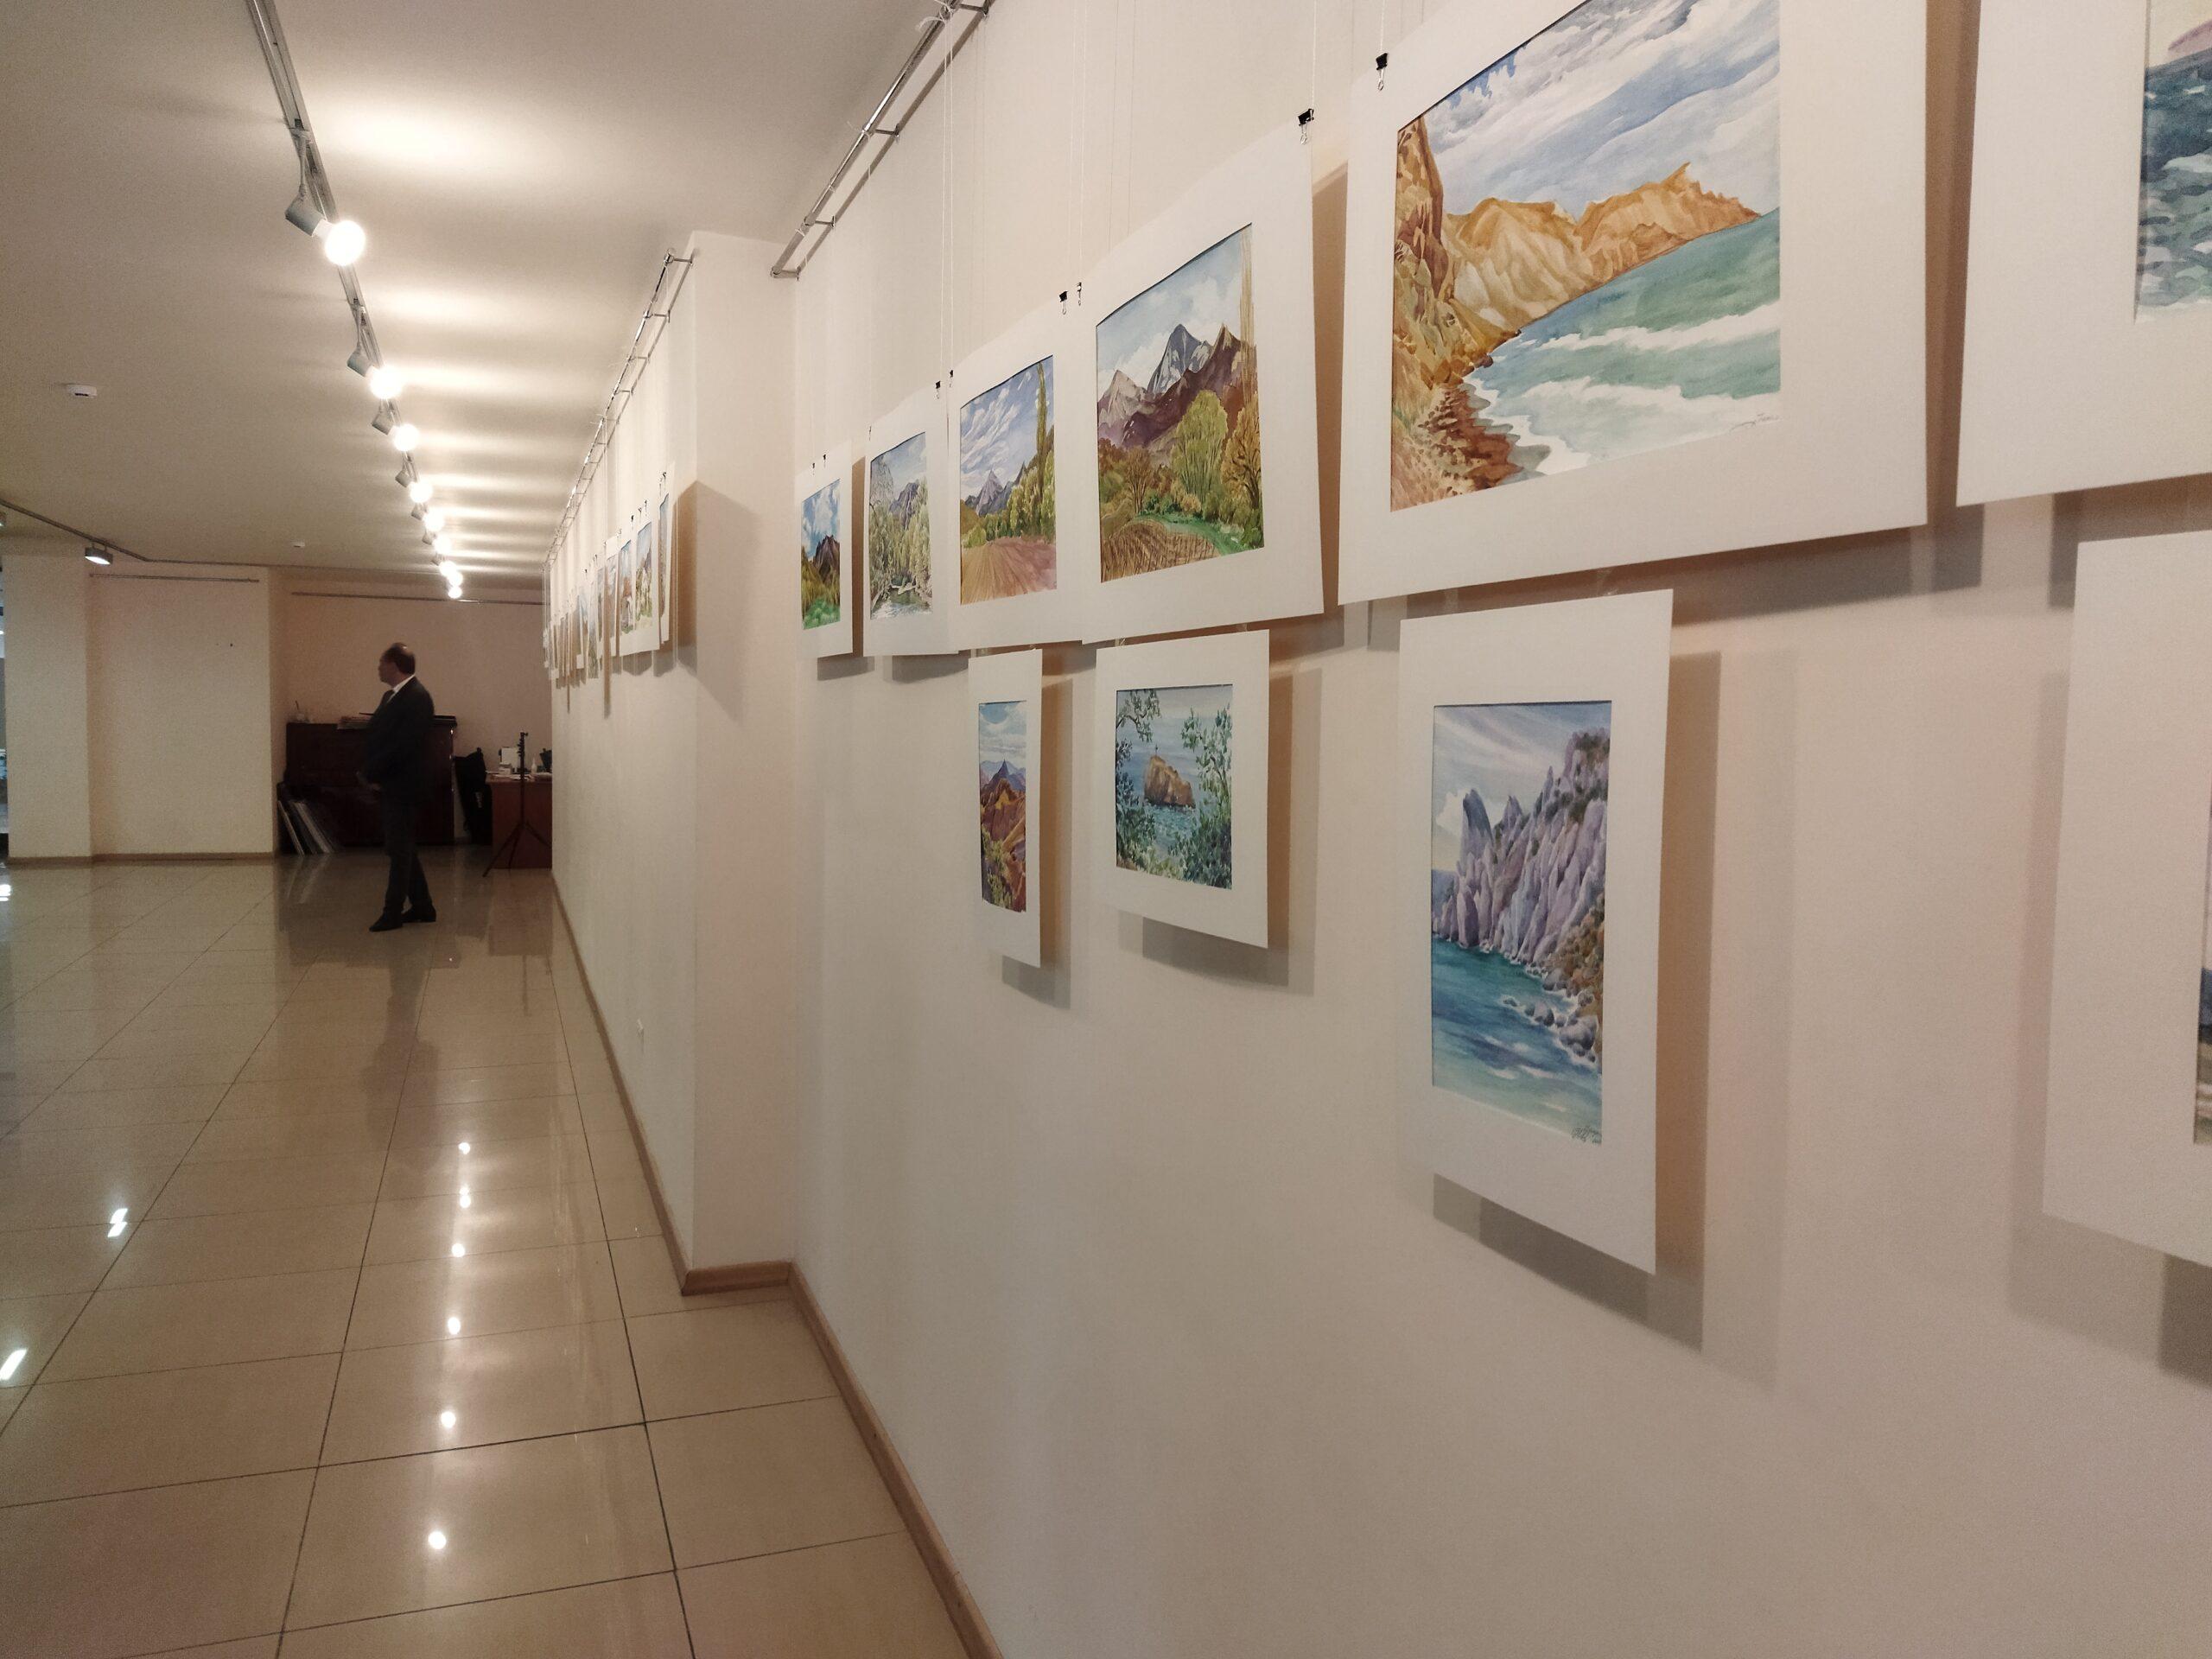 «Մոսկվայի տուն» մշակութային կենտրոնում բացվեց «Հայաստան – Ղրիմ՝ հանդիպում սրտումս» գեղանկարների ցուցահանդեսը